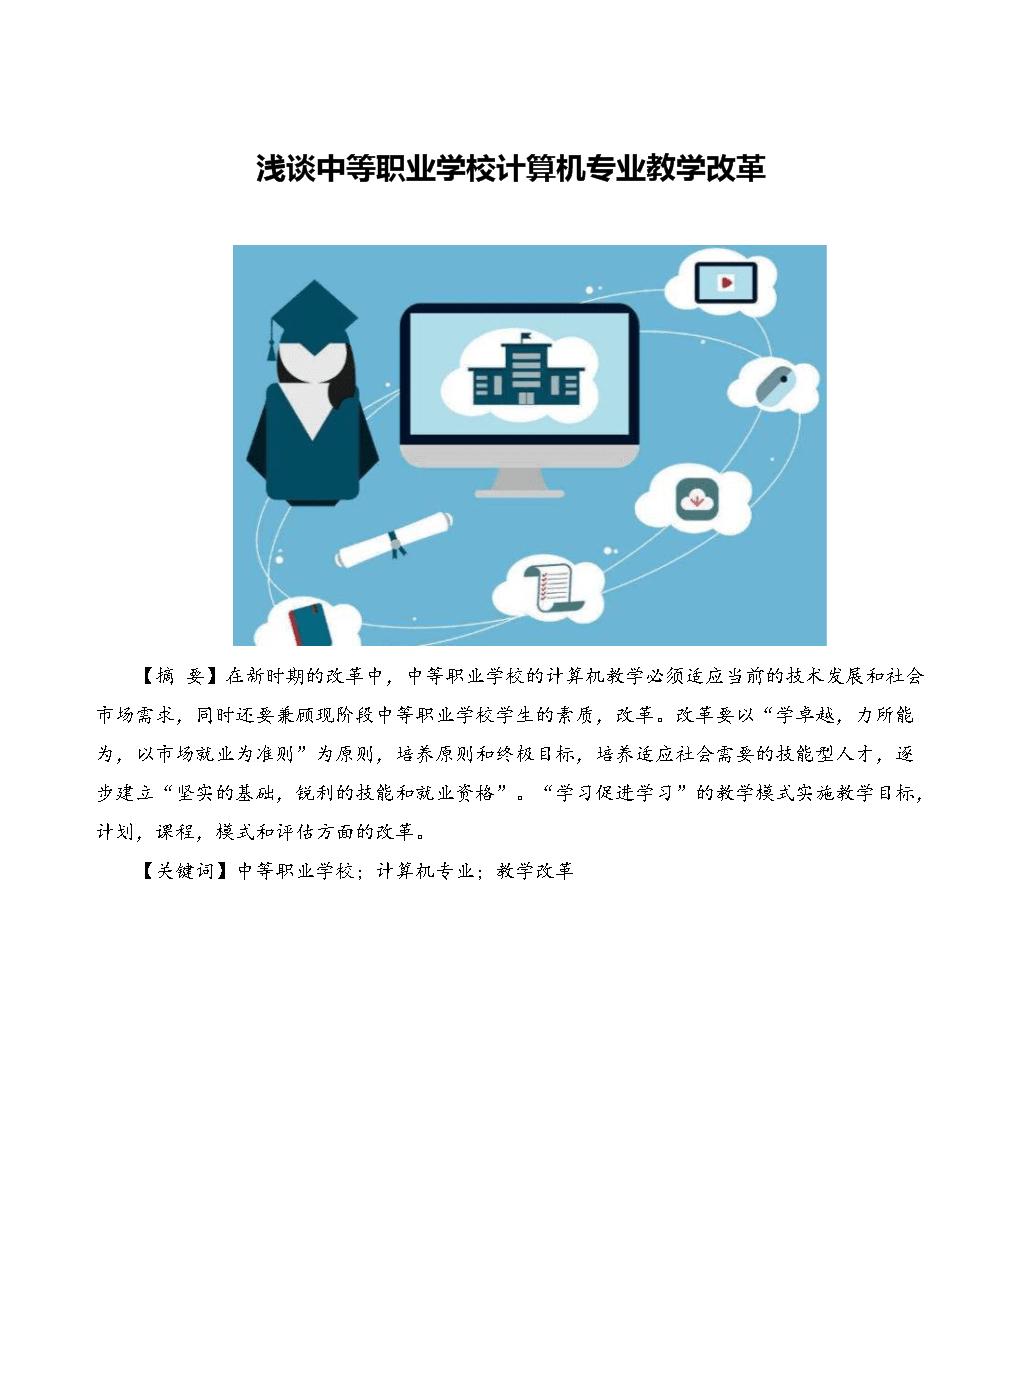 浅谈中等职业学校计算机专业教学改革.docx